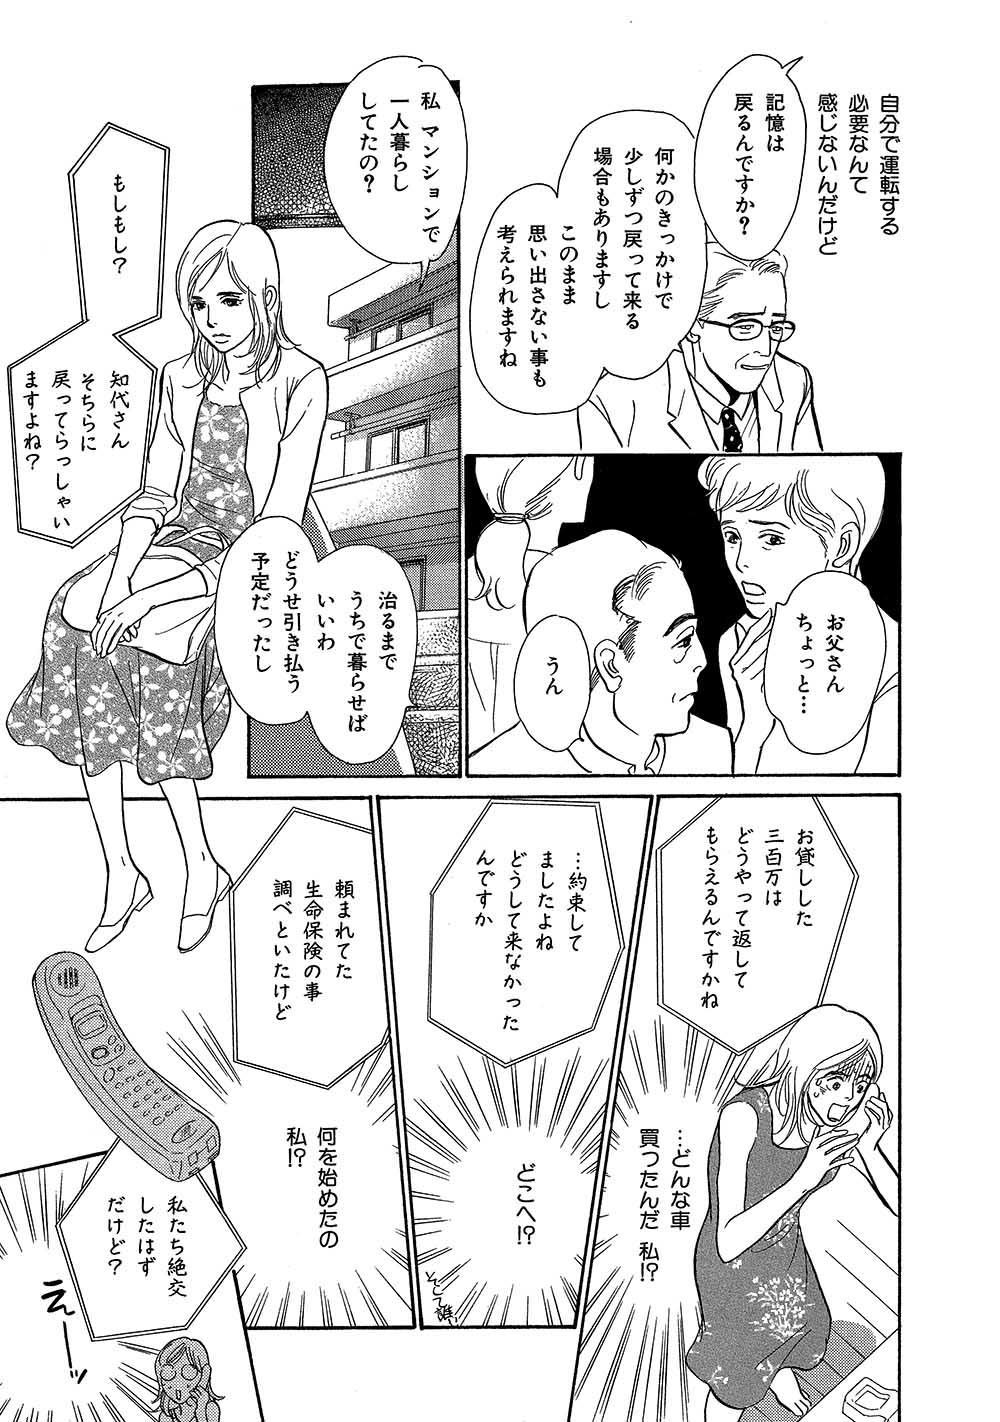 hyakki_0016_0077.jpg